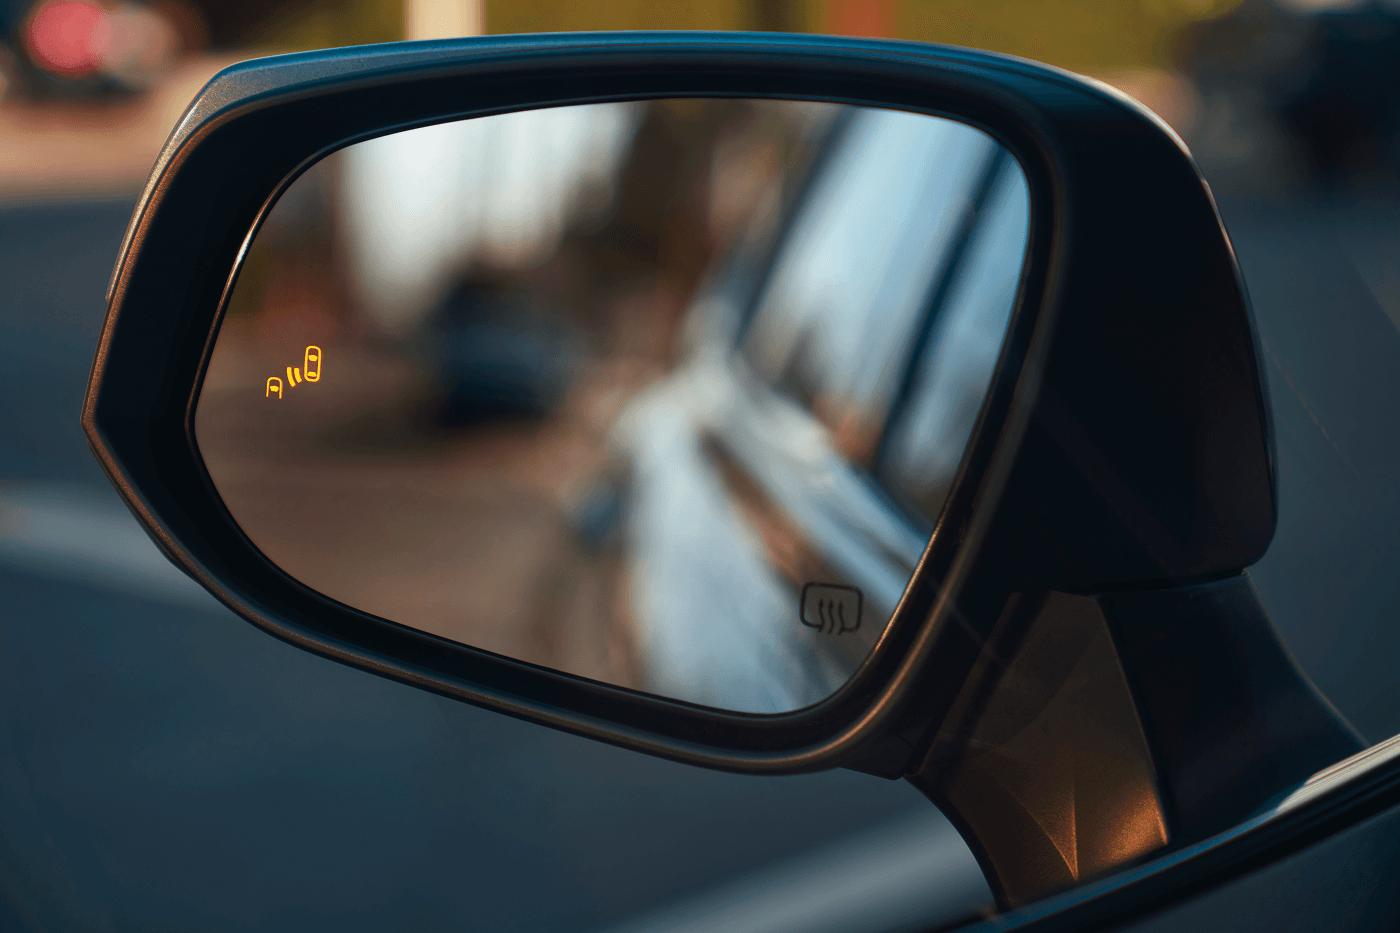 Toyota Highlander Safety